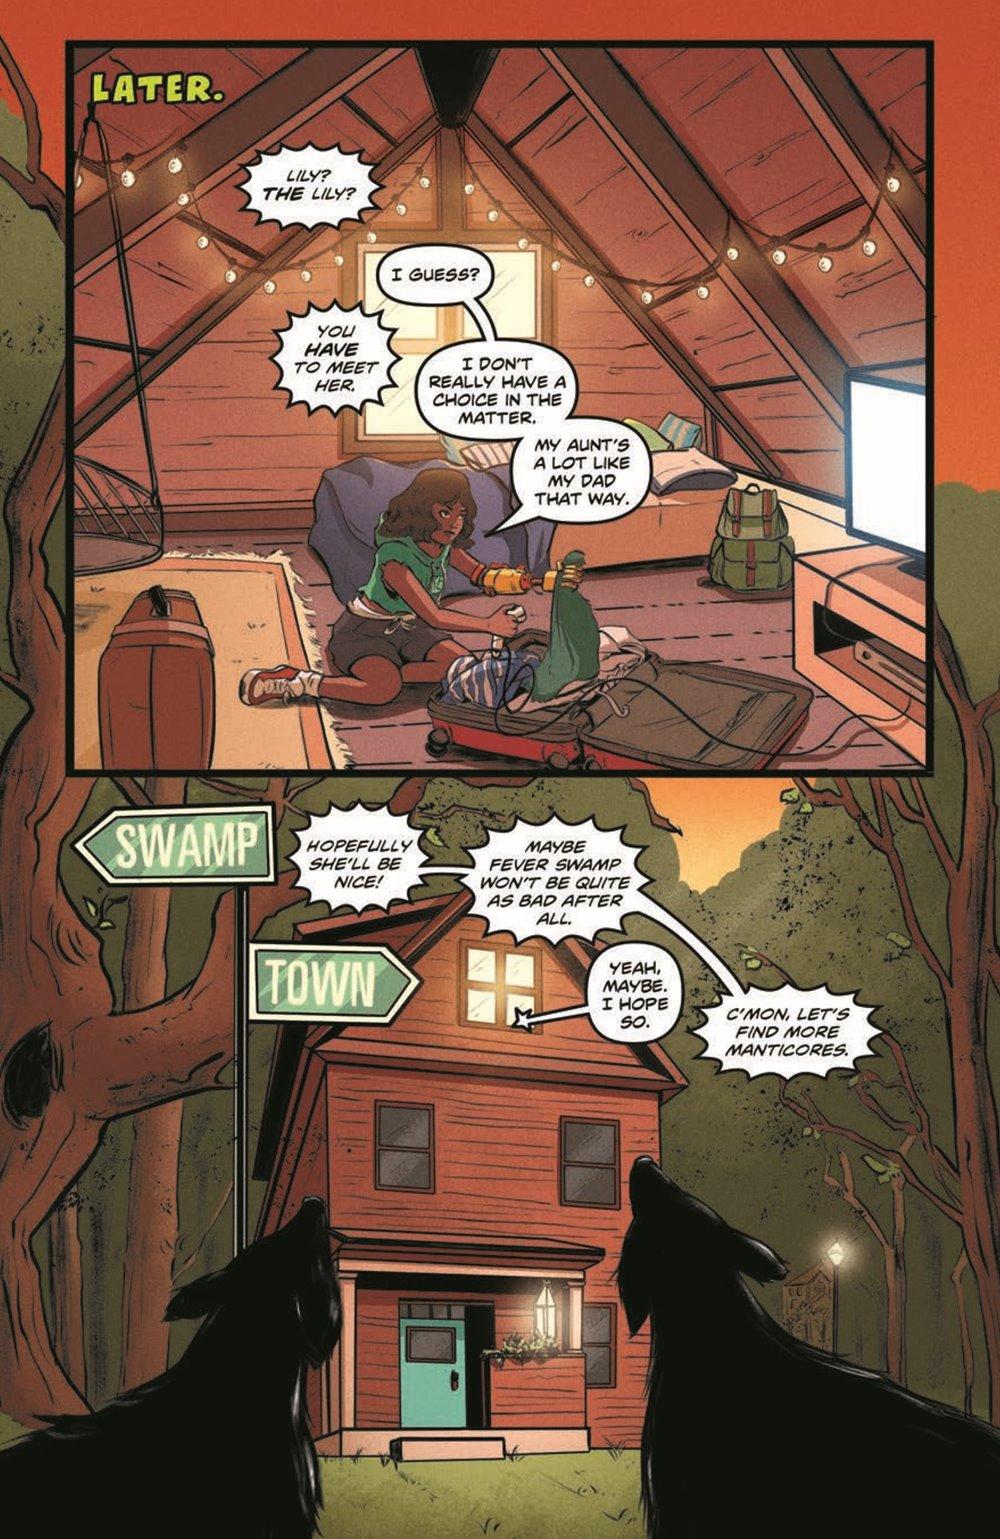 GB_SotS_VOL1_pr-8 ComicList Previews: GOOSEBUMPS SECRET OF THE SWAMP TP